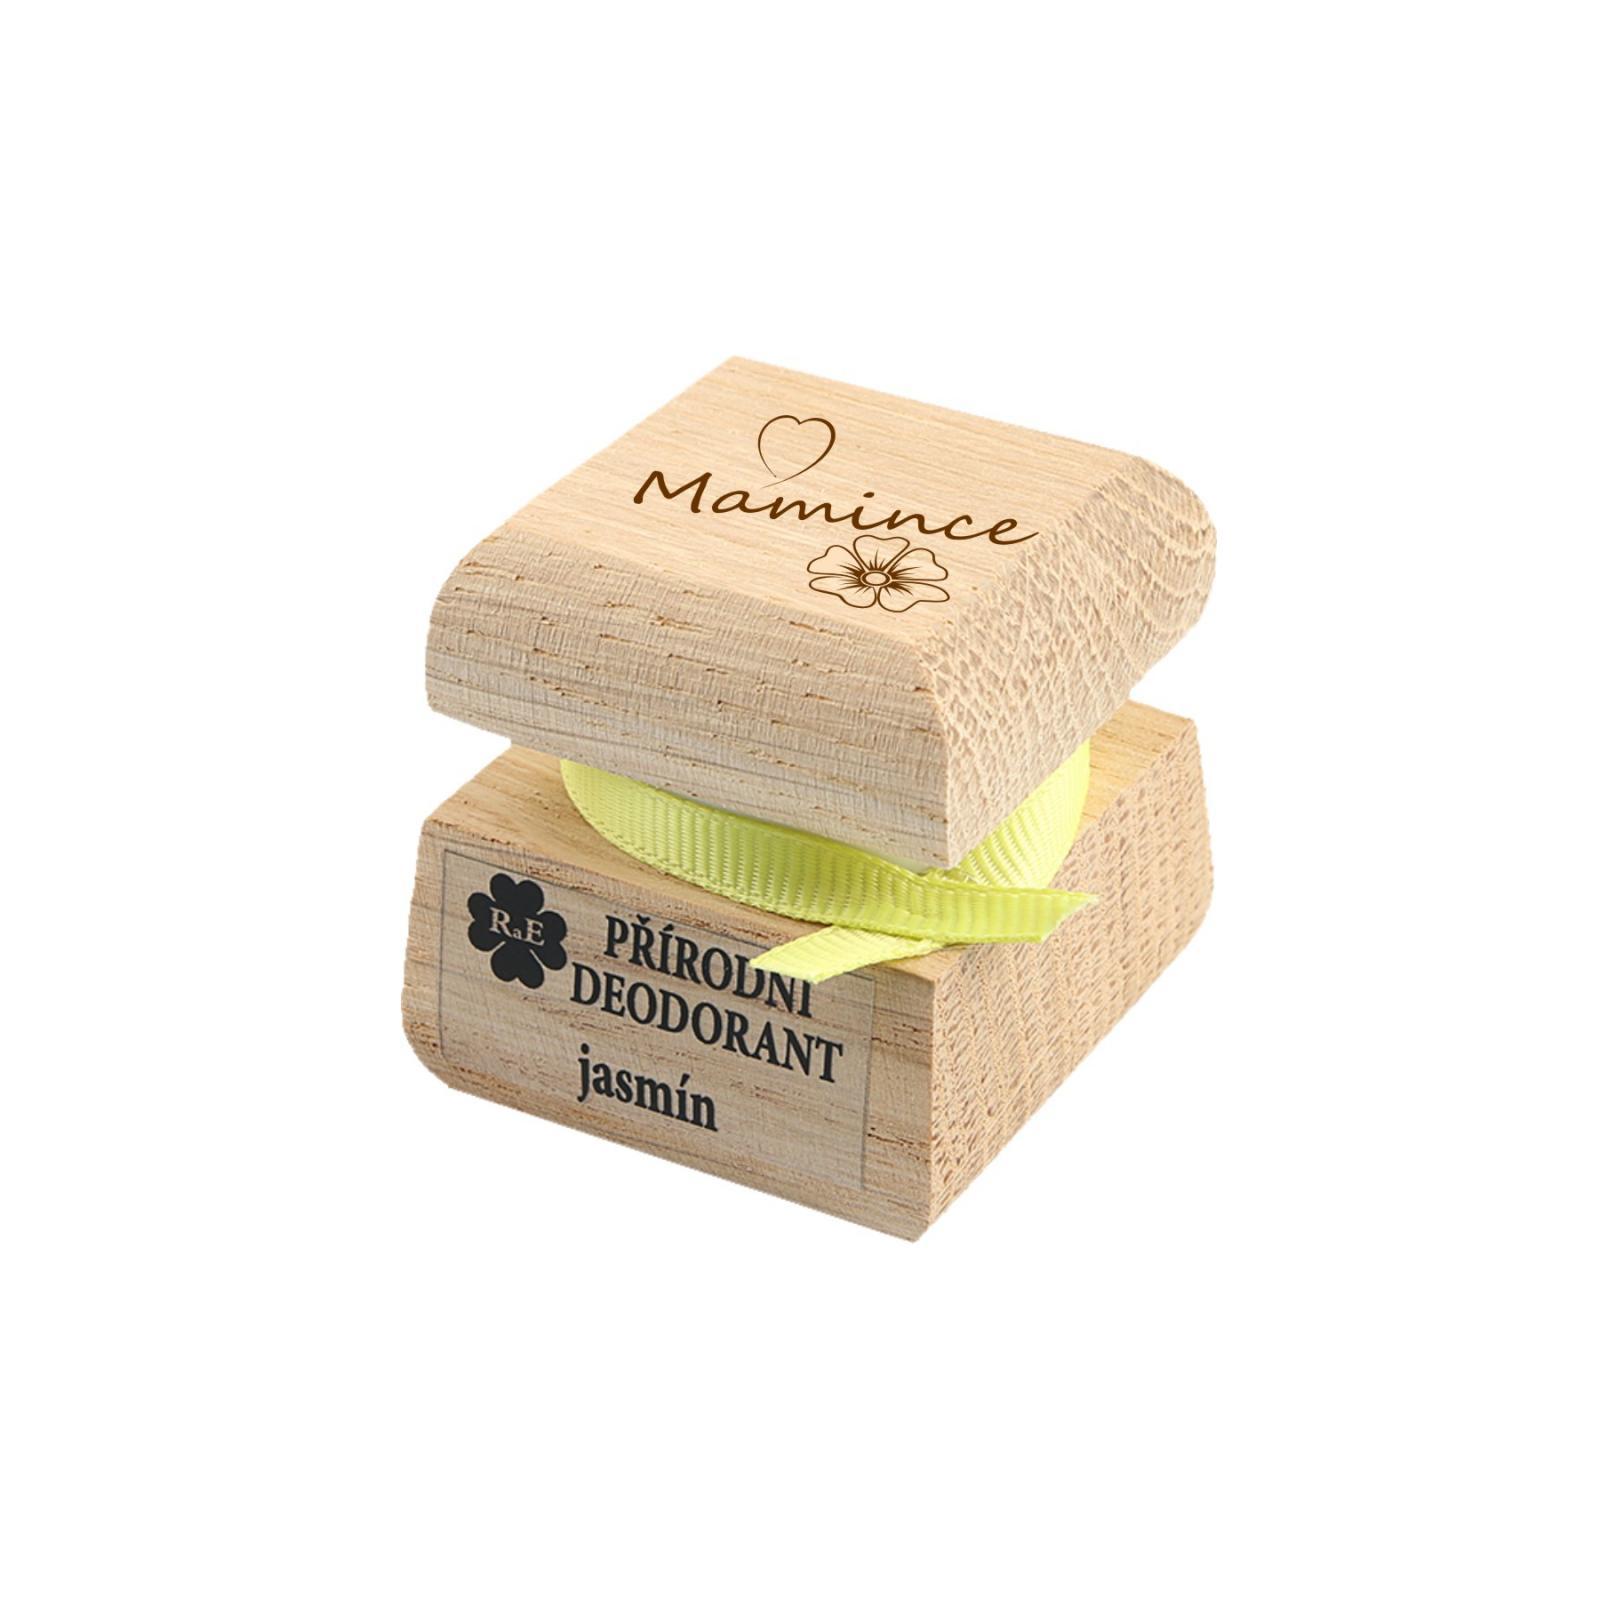 RaE Přírodní krémový deodorant s vůní jasmínu Mamince 15 ml dřevěný obal